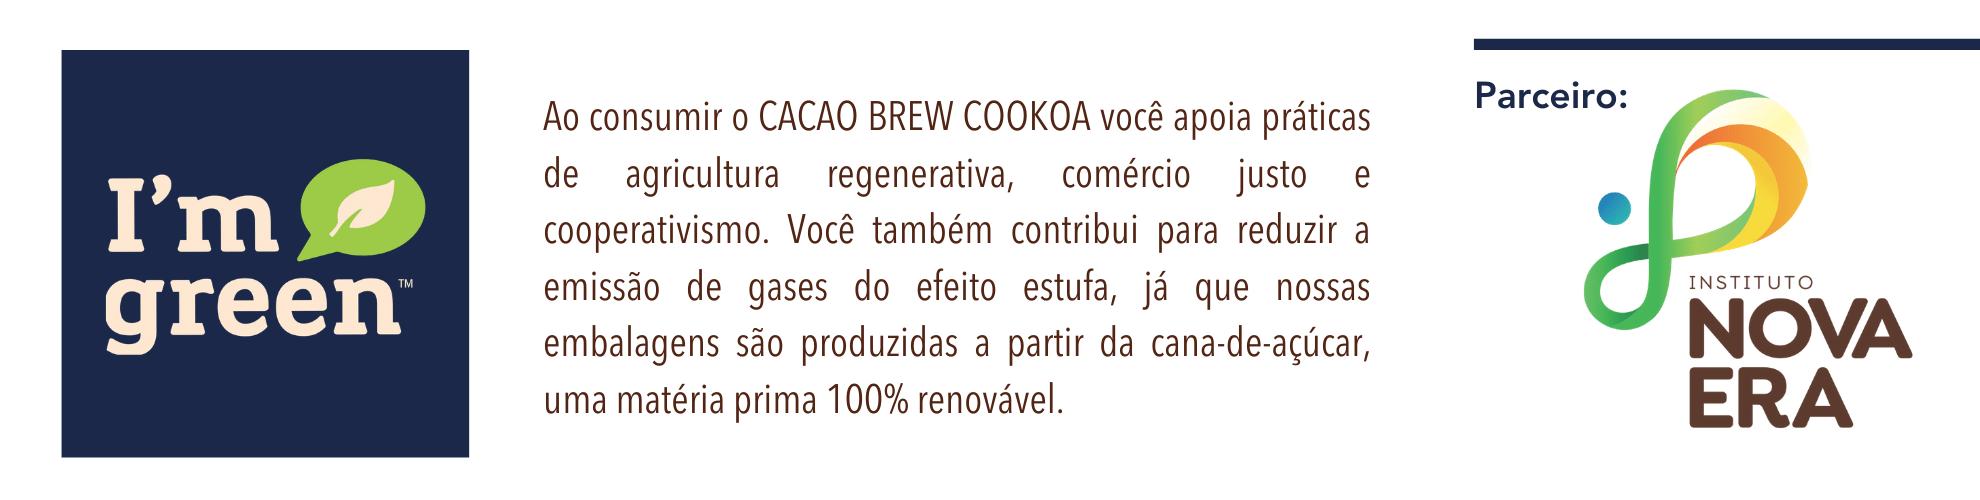 im green cacaobrew